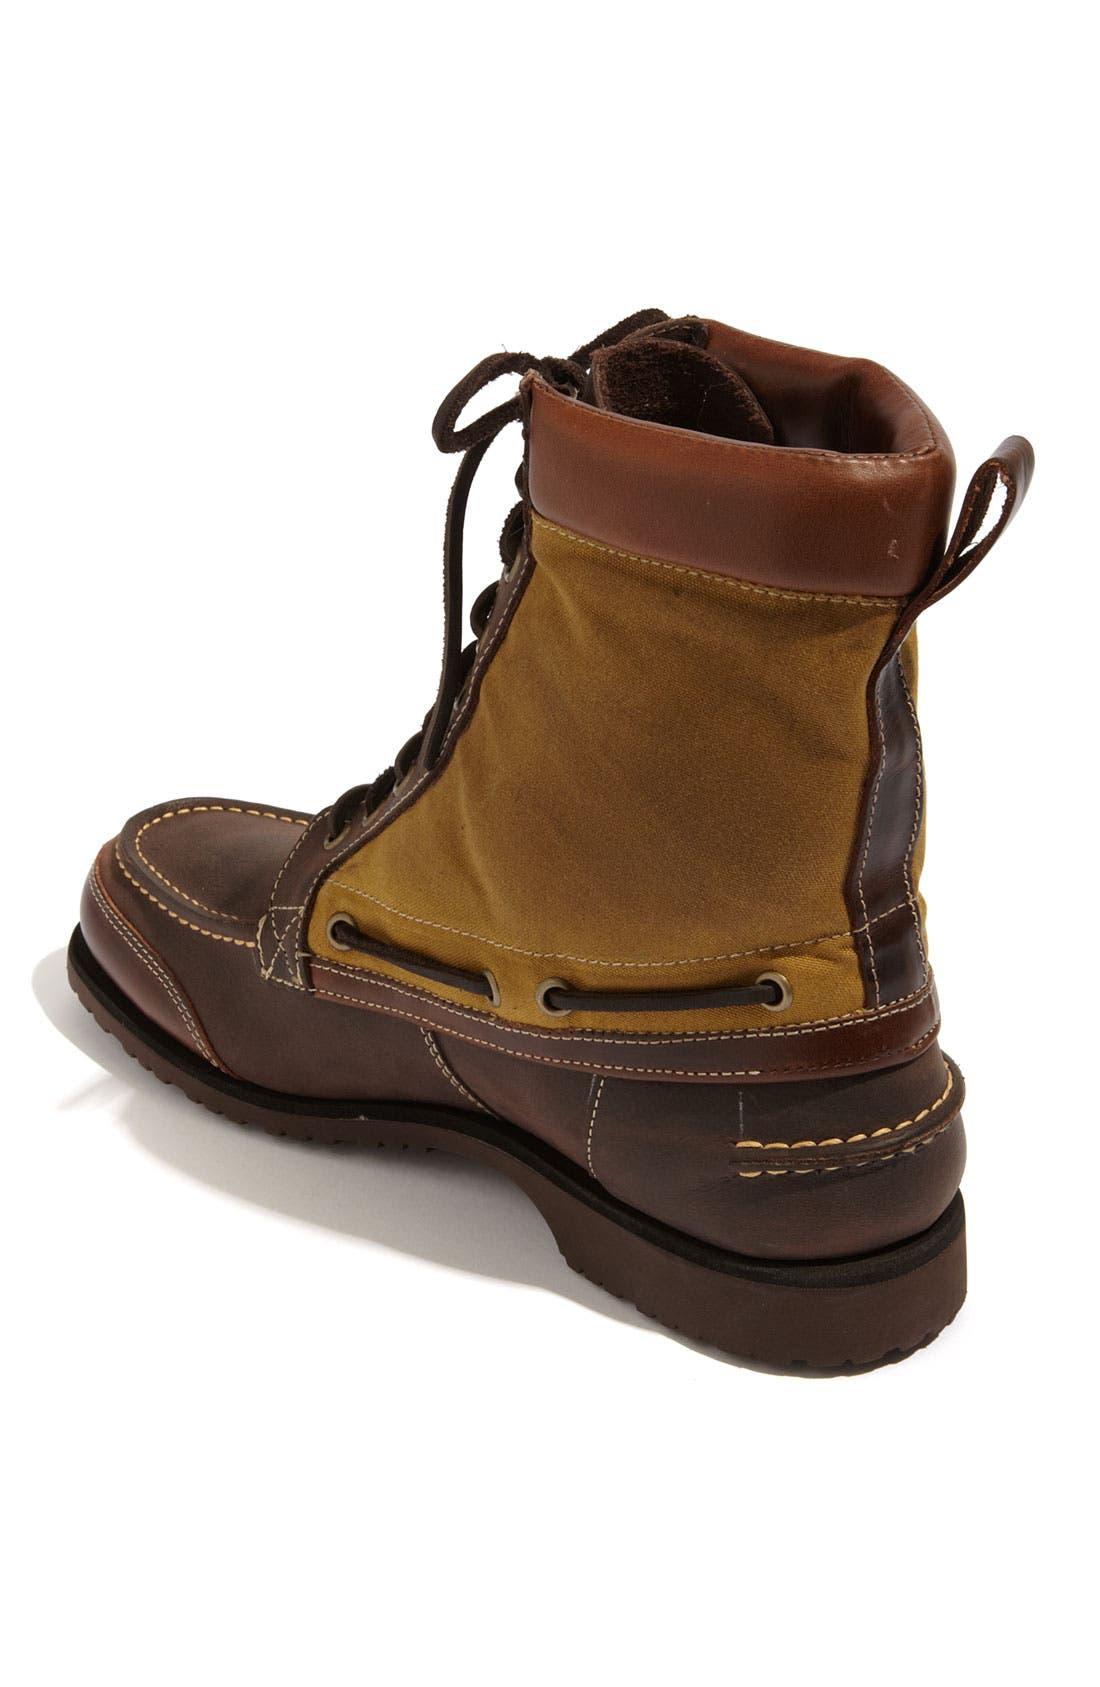 SEBAGO,                             'Osmore' Boot,                             Alternate thumbnail 4, color,                             200